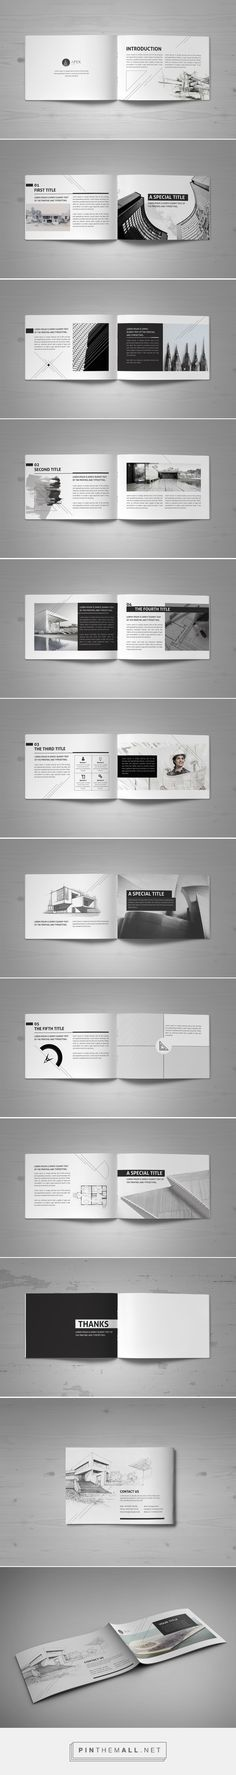 Minimal Modern Black & White Architecture Brochure by Mohammed Al Gharabli